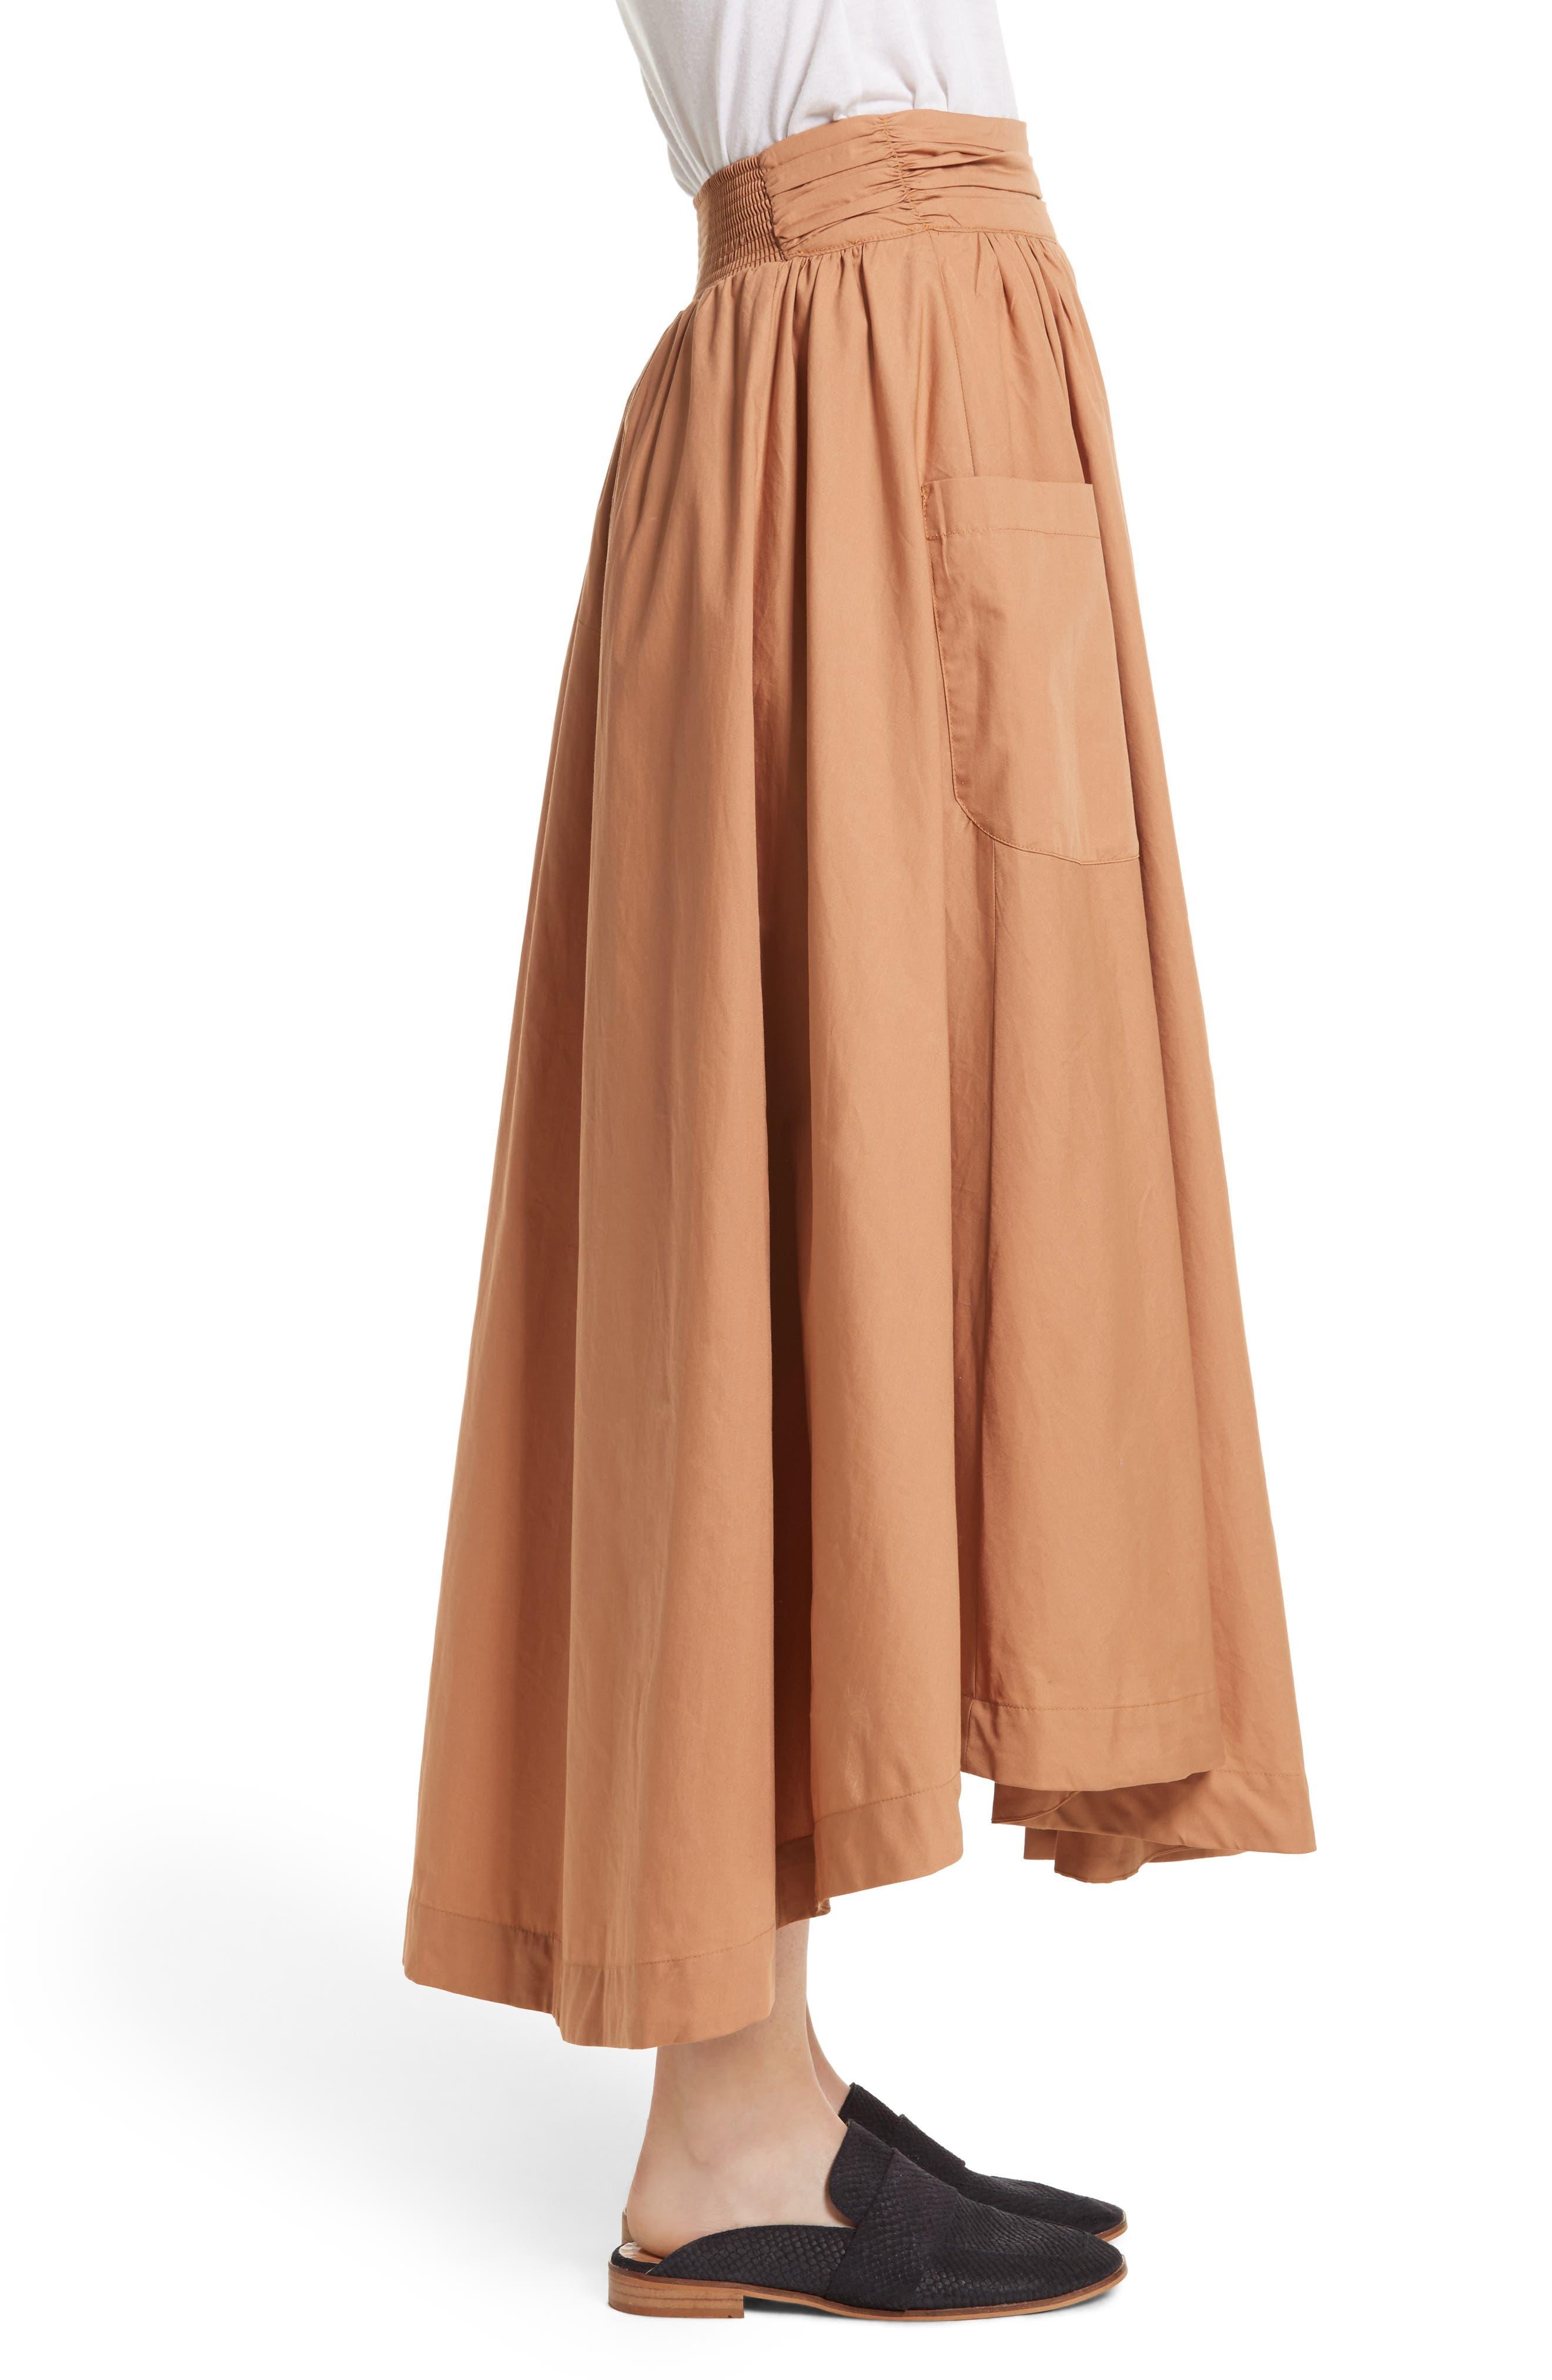 Dream of Me Midi Skirt,                             Alternate thumbnail 3, color,                             230